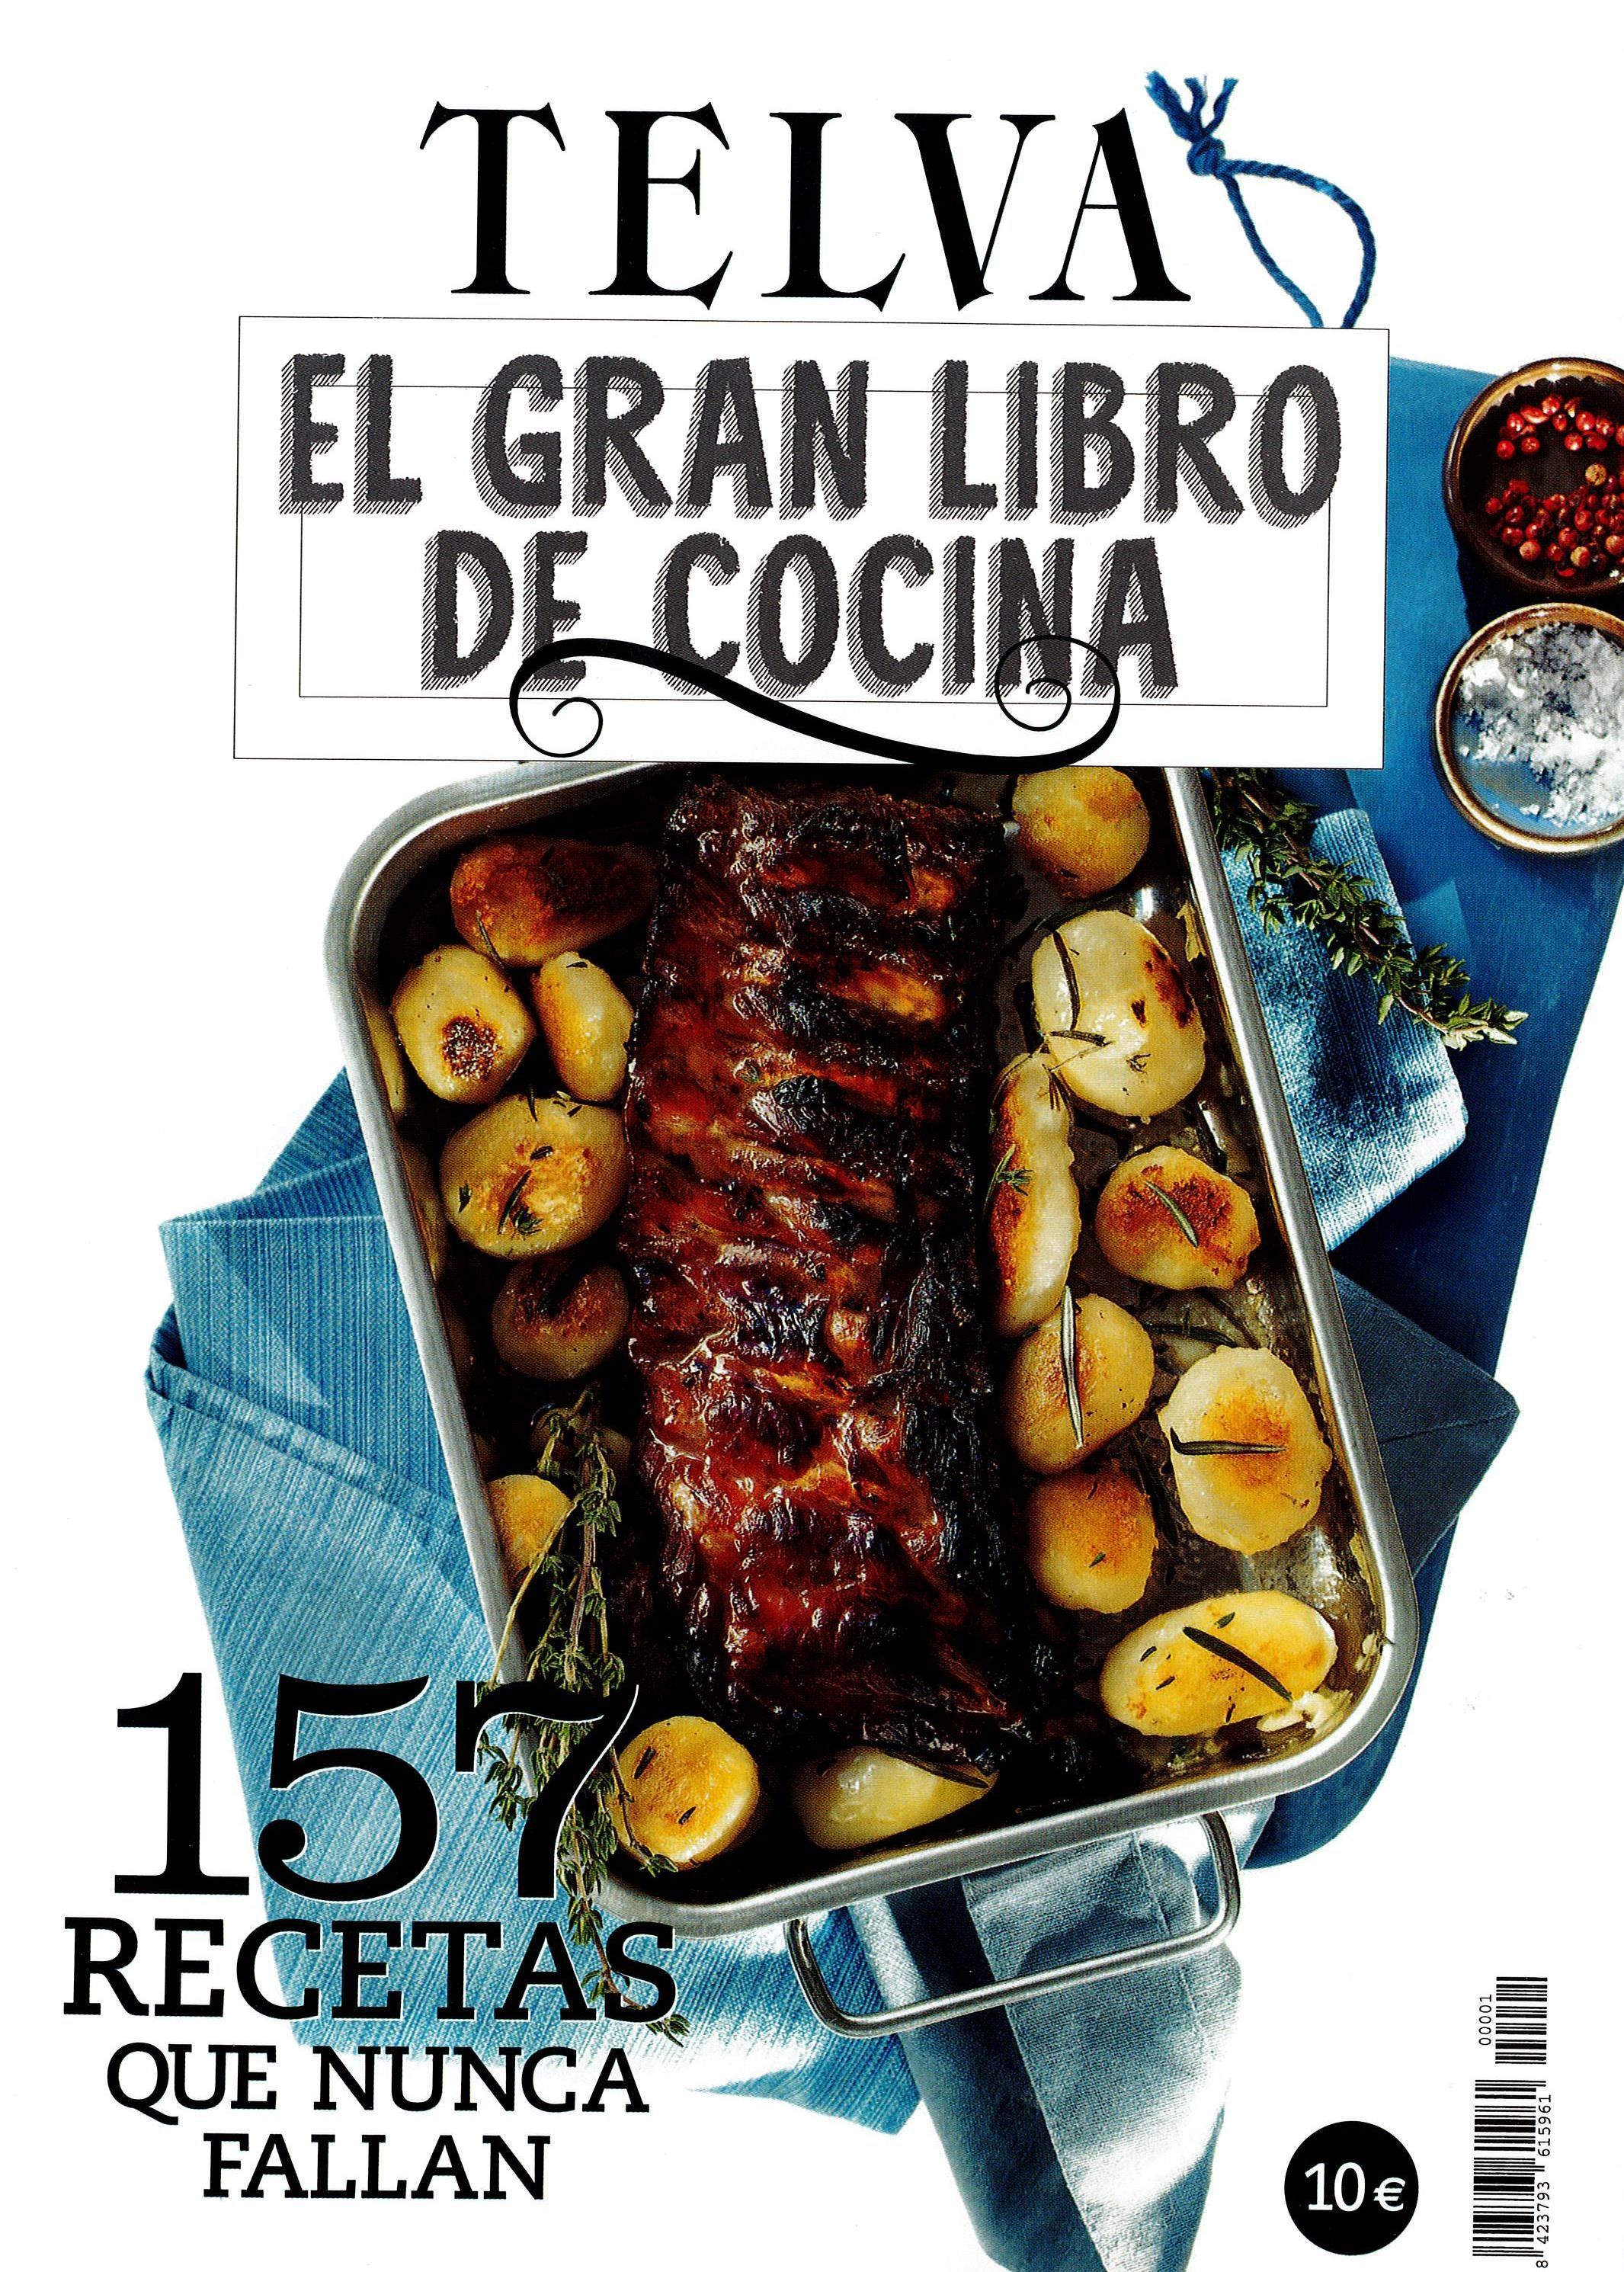 El Gran Libro De Cocina Telva: 157 Recetas Que Nunca Fallan por Vv.aa.